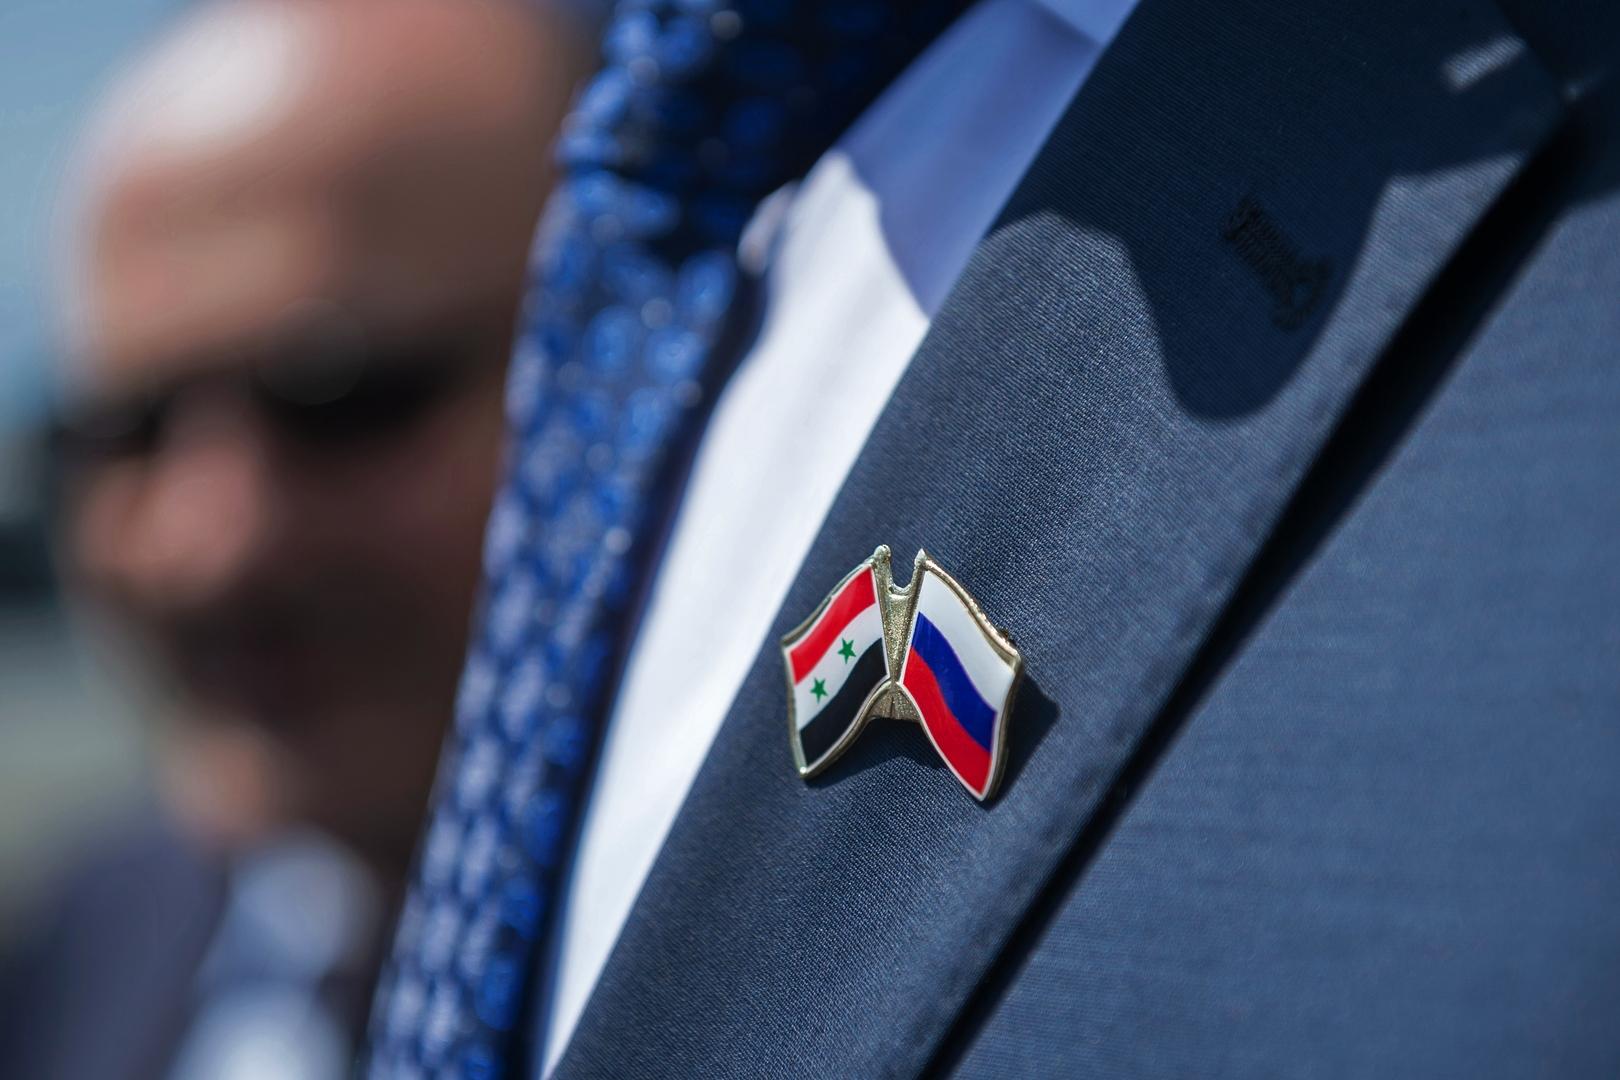 مباحثات روسية سورية في موسكو لتعزيز التجارة والتعاون الاقتصادي